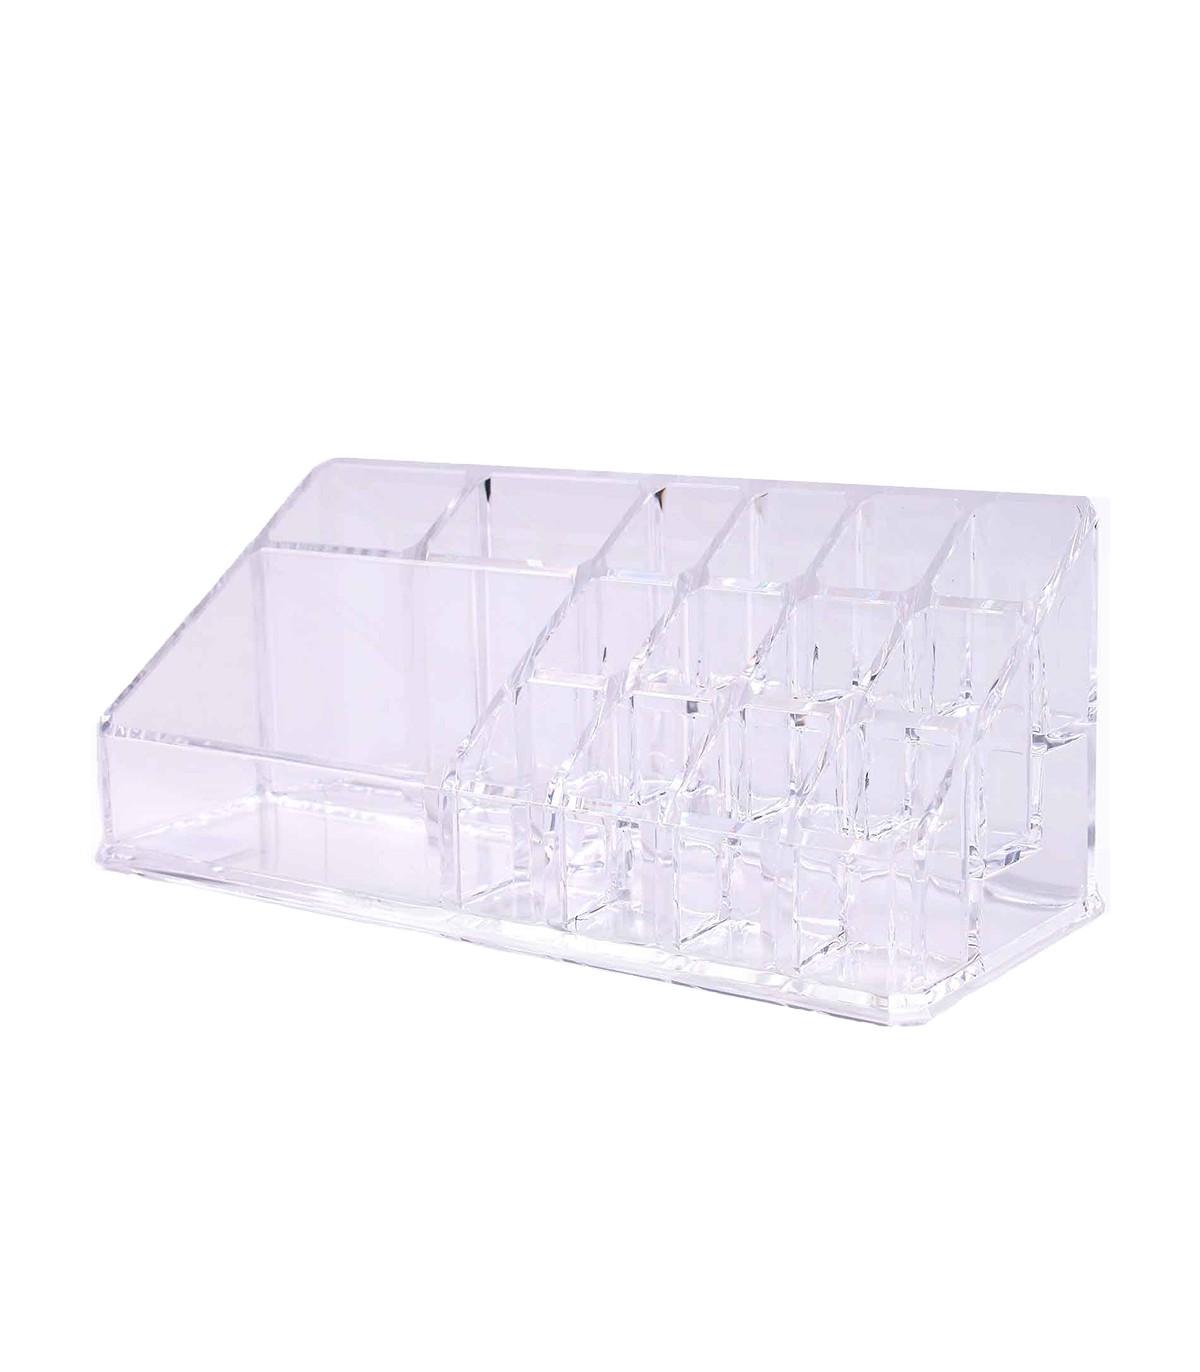 Boîte de rangement maquillage en acrylique - Transparent